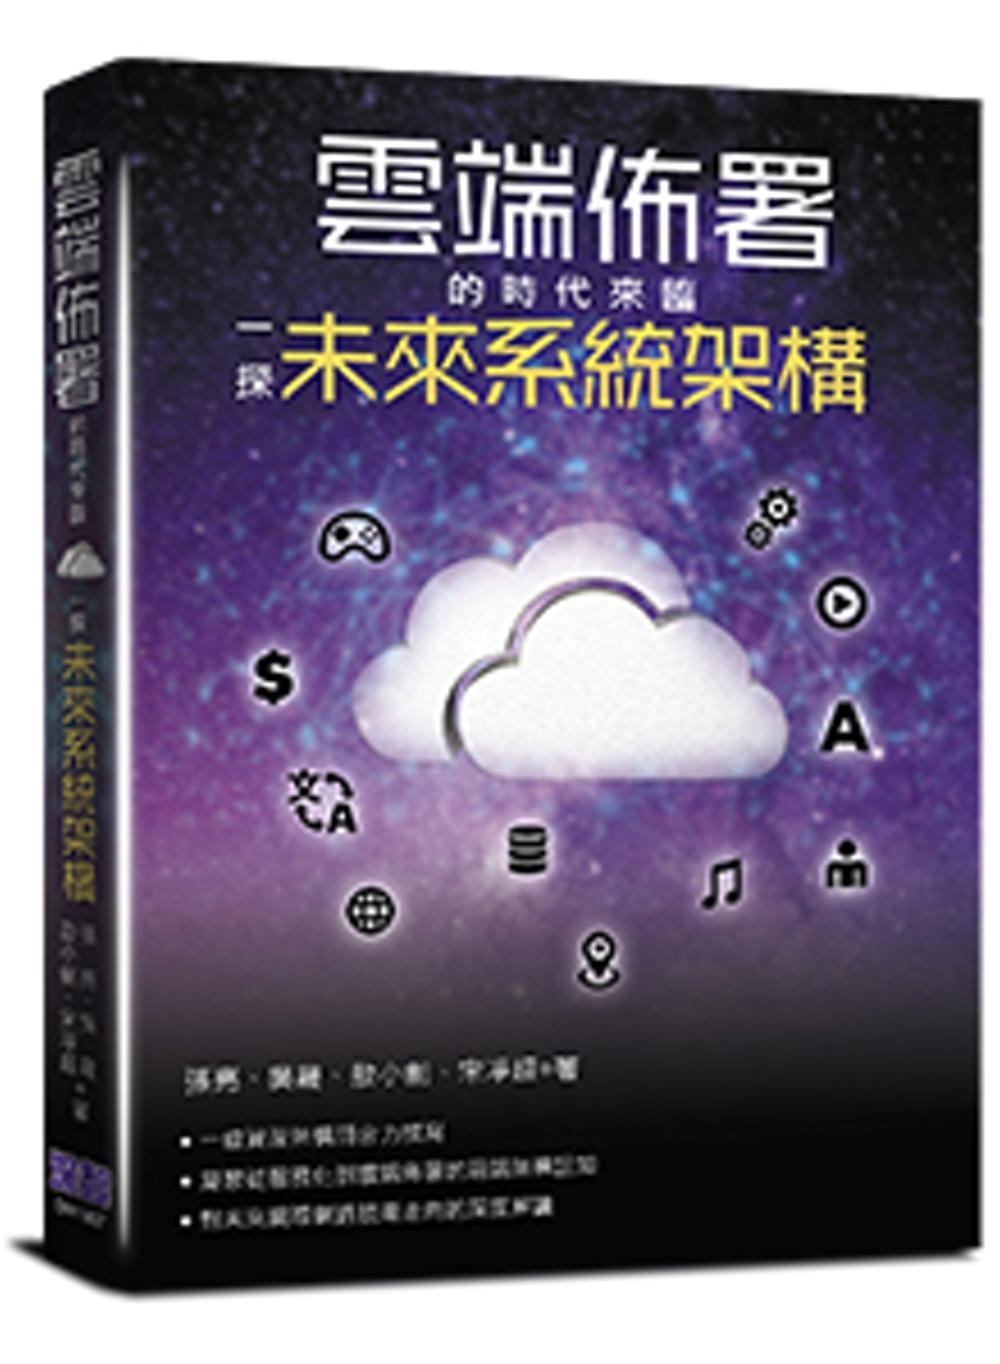 雲端佈署的時代來臨:一探未來系...